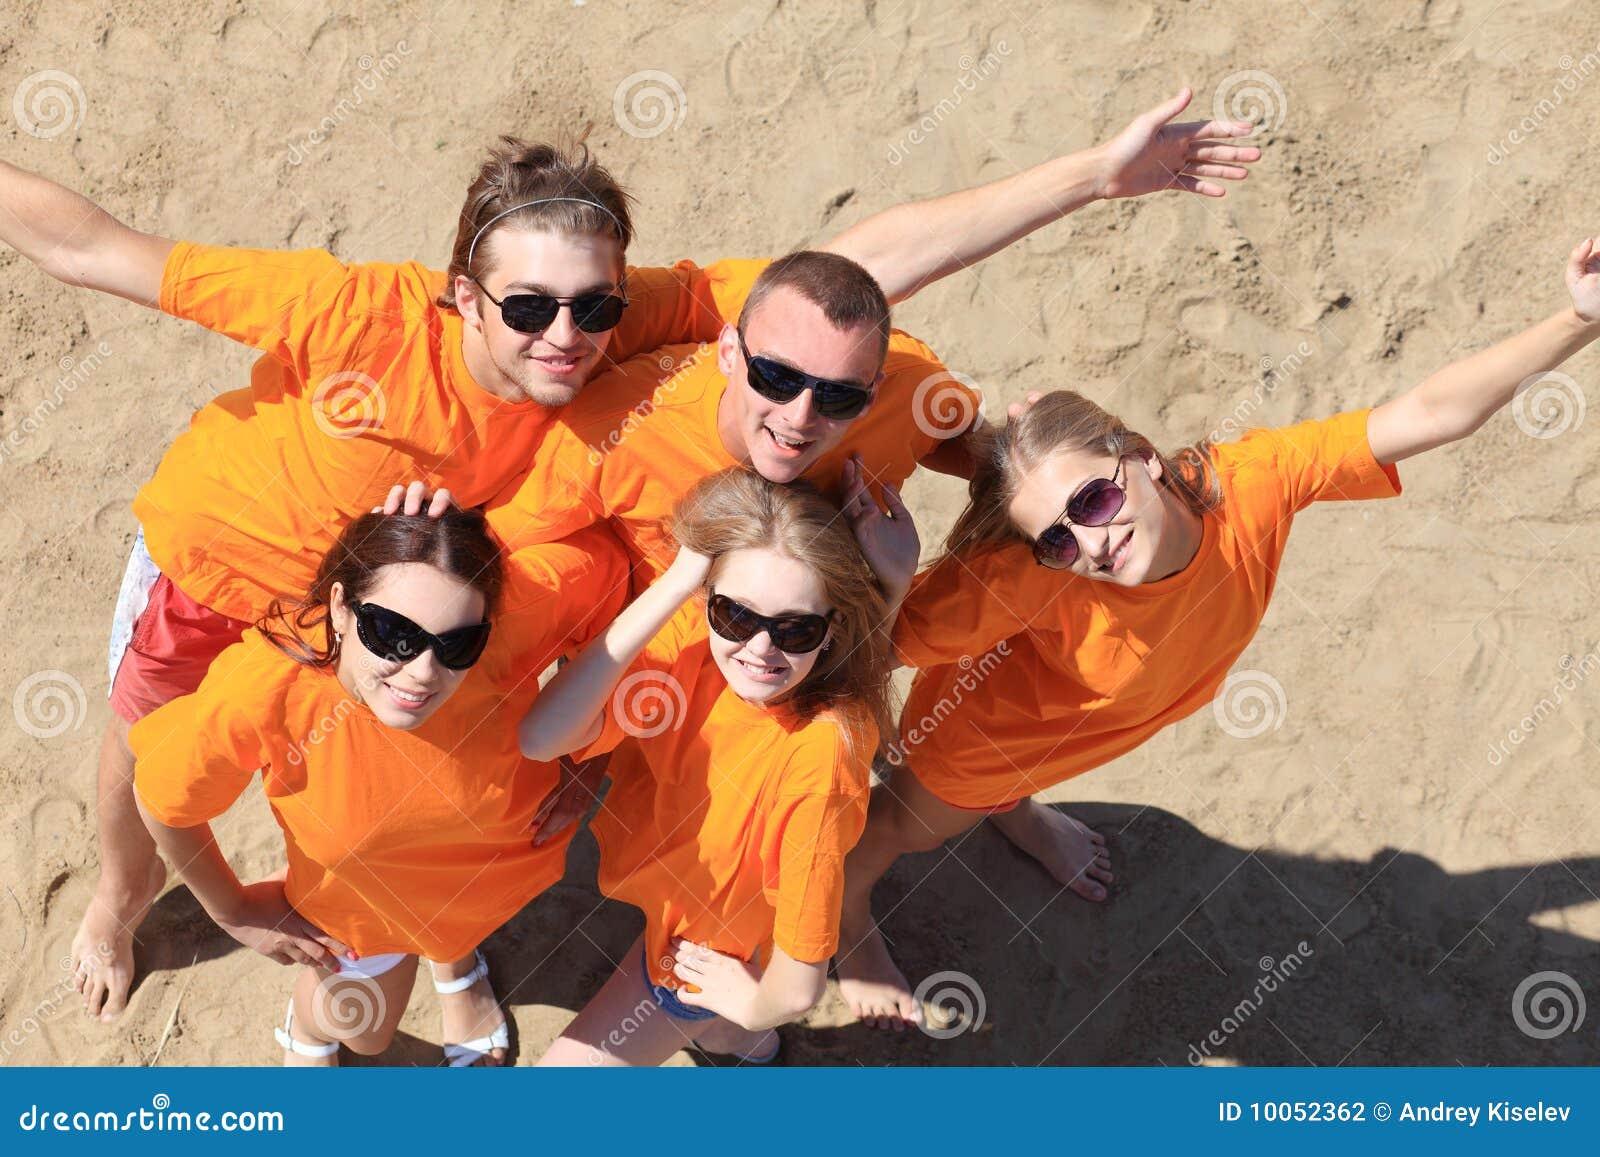 Divertimento em uma praia